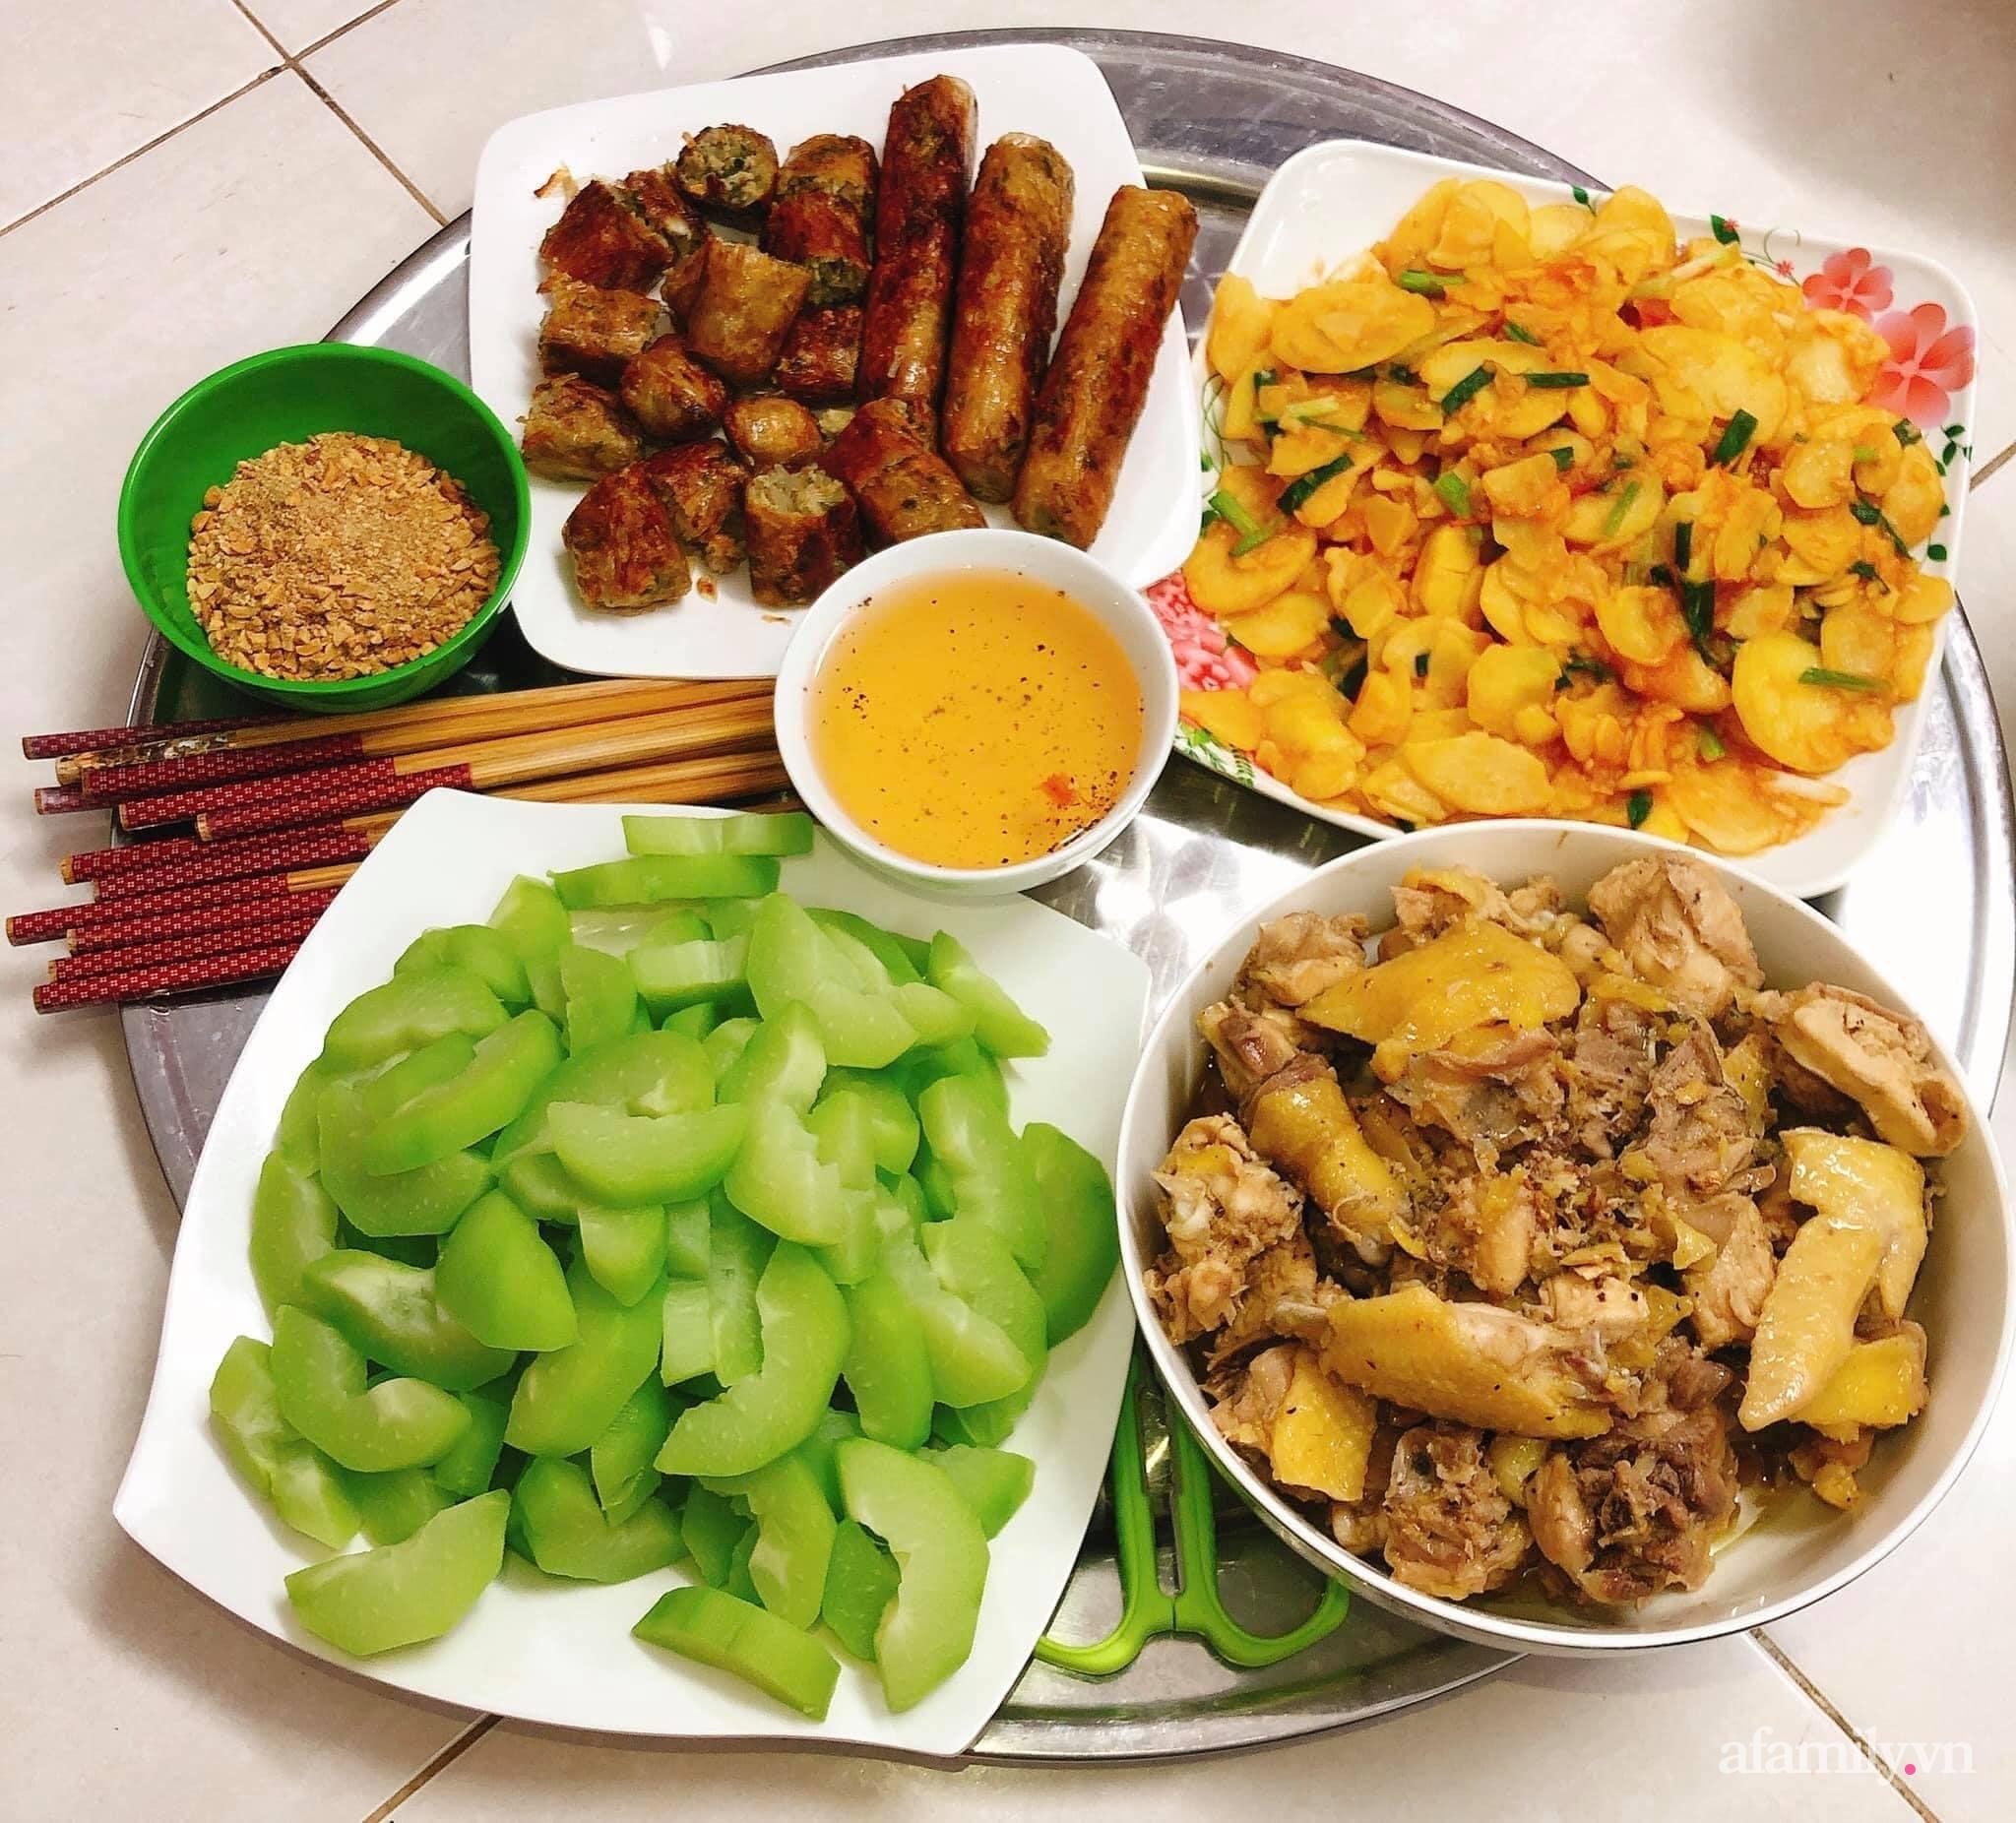 Kinh doanh online bận rộn, mẹ trẻ Hà Nội vẫn chăm chỉ cơm nước cho gia đình, mỗi bữa đầy ắp món ngon cho 5 người mà chi phí chỉ 170K - Ảnh 4.